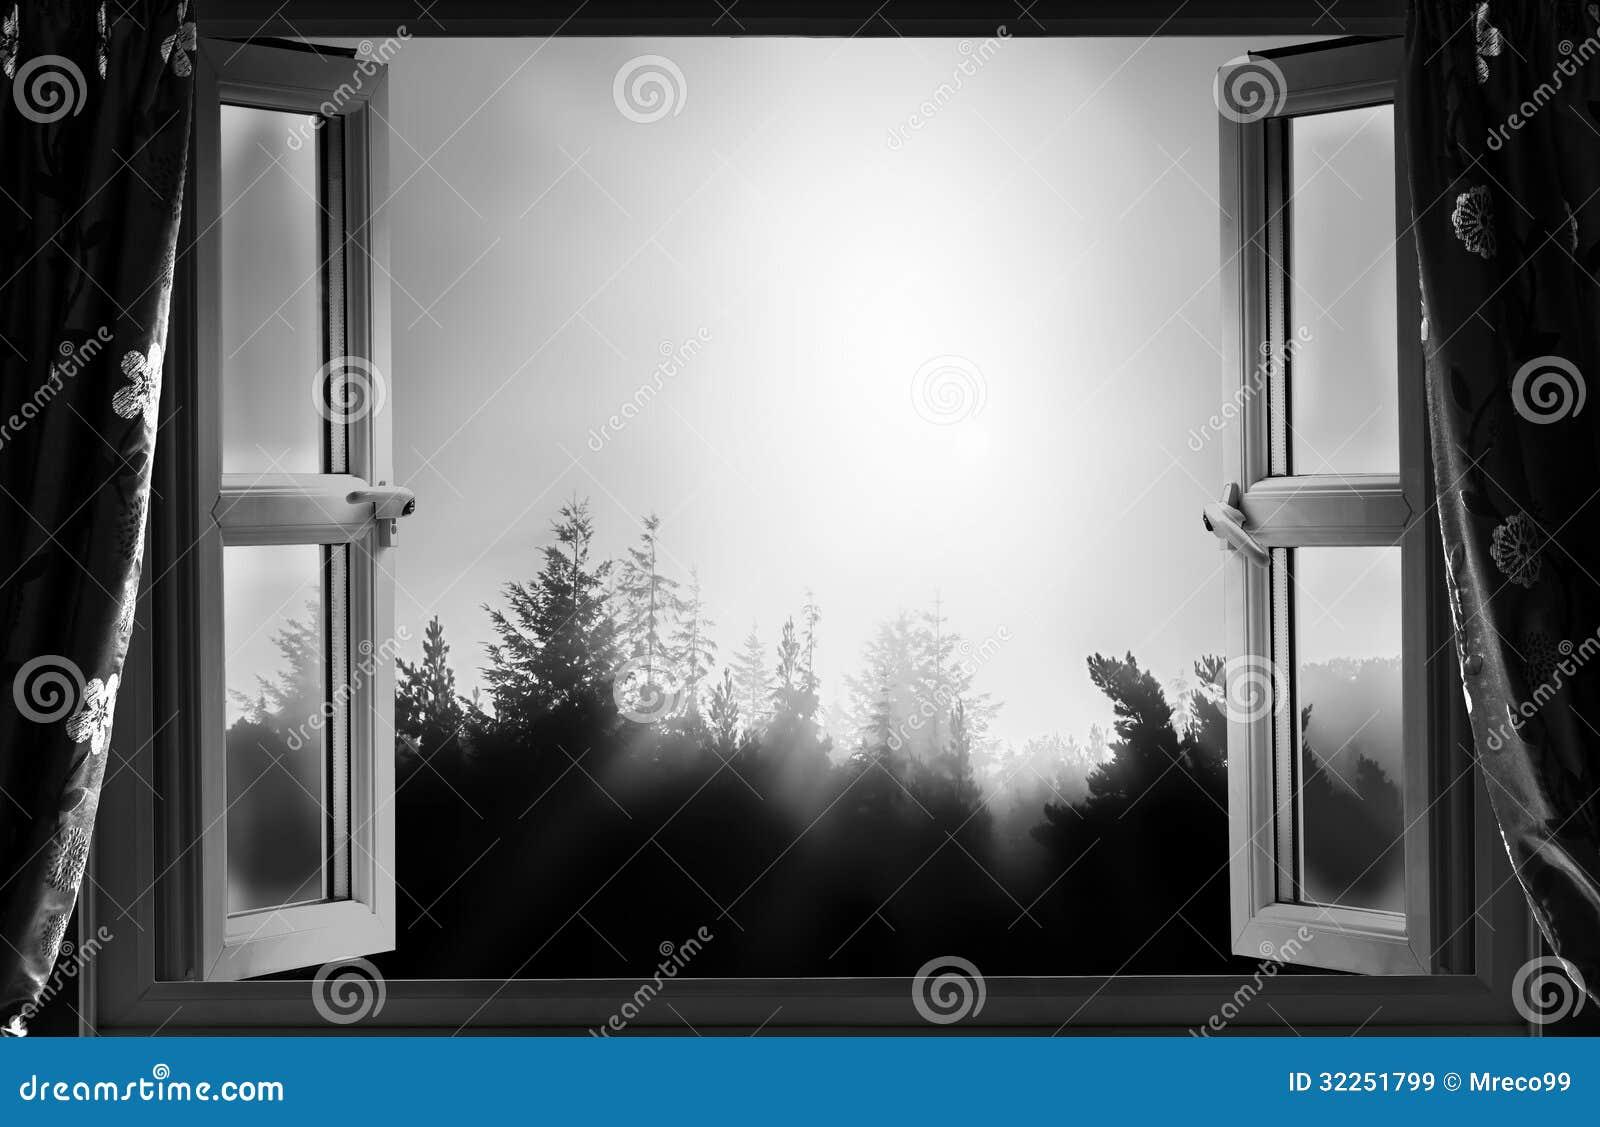 Fen tre ouverte la nuit en noir et blanc images libres de for La fenetre ouverte